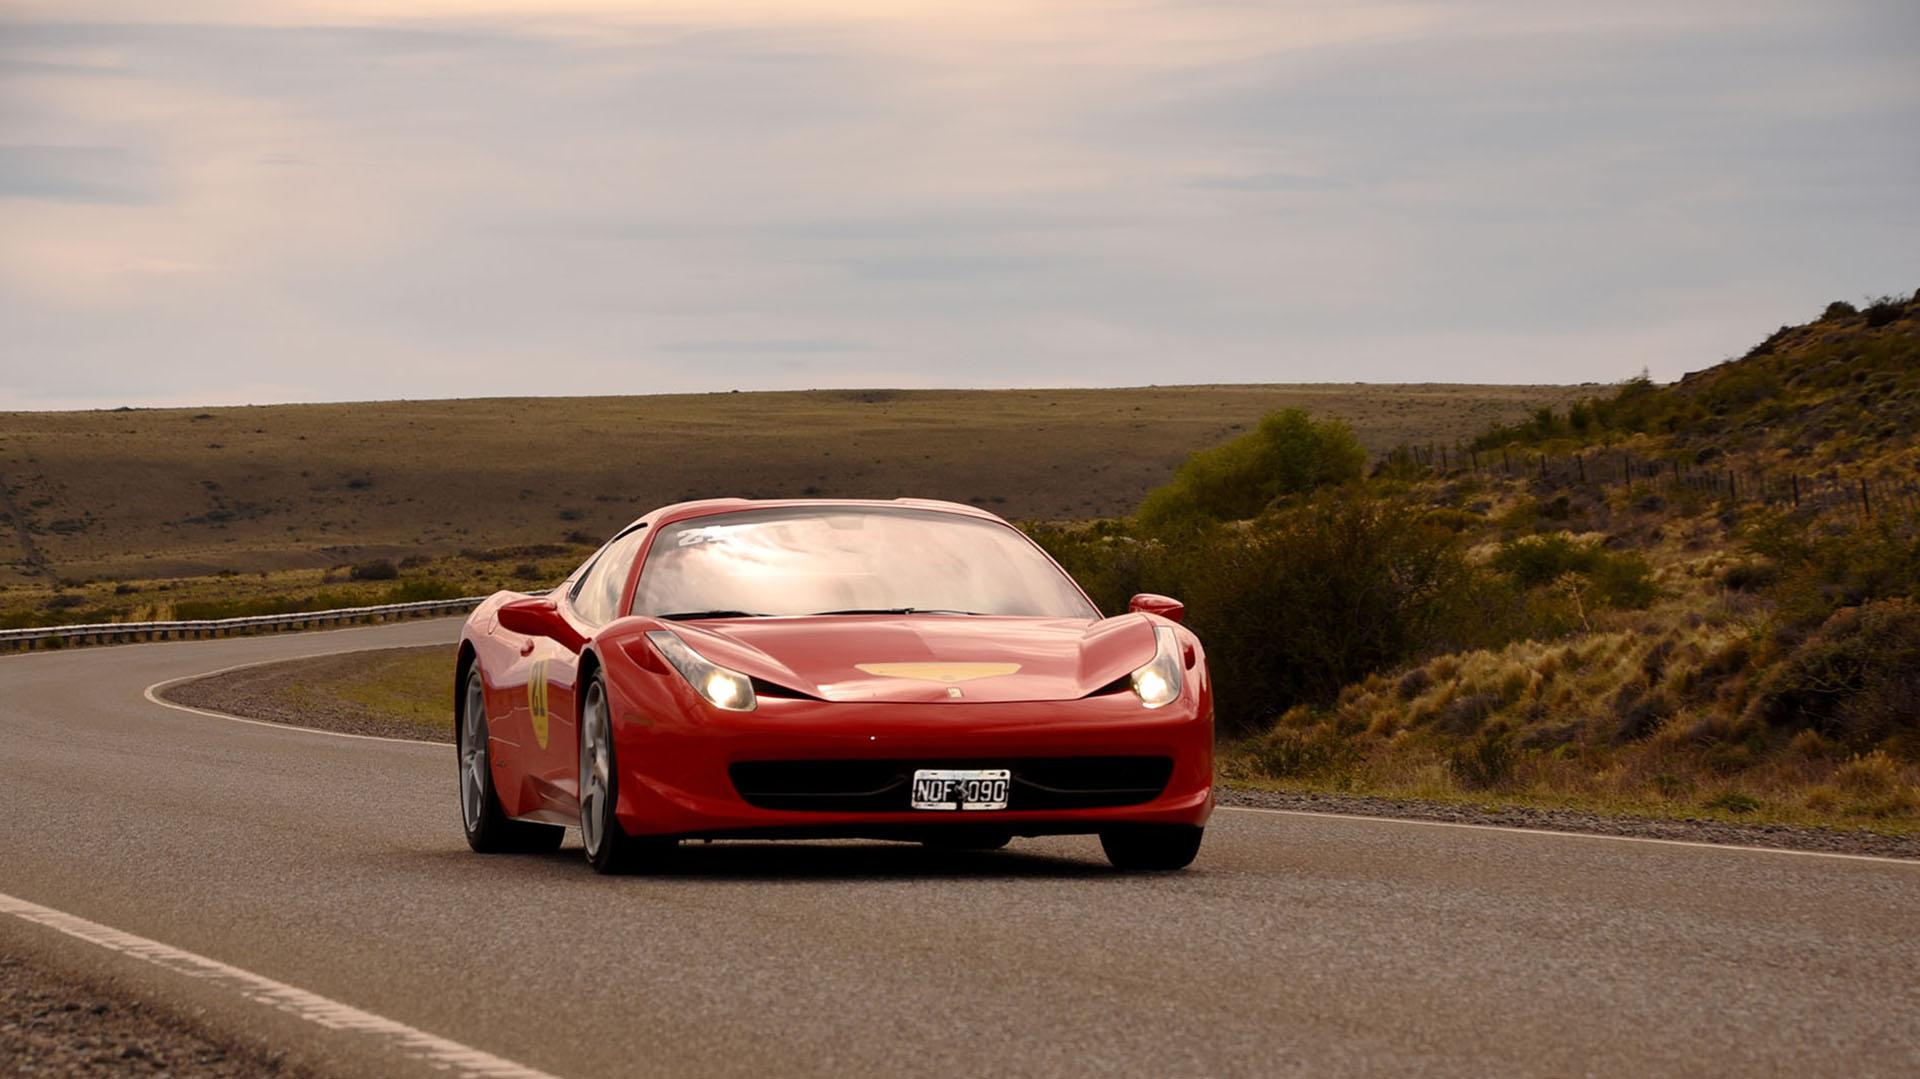 El encuentro fue organizado por el Ferrari Club Chile con el apoyo del Ferrari Club Argentino. La caravana comenzó el 9 de noviembre en Punta Arenas y terminó cinco días después en la misma ciudad chilena